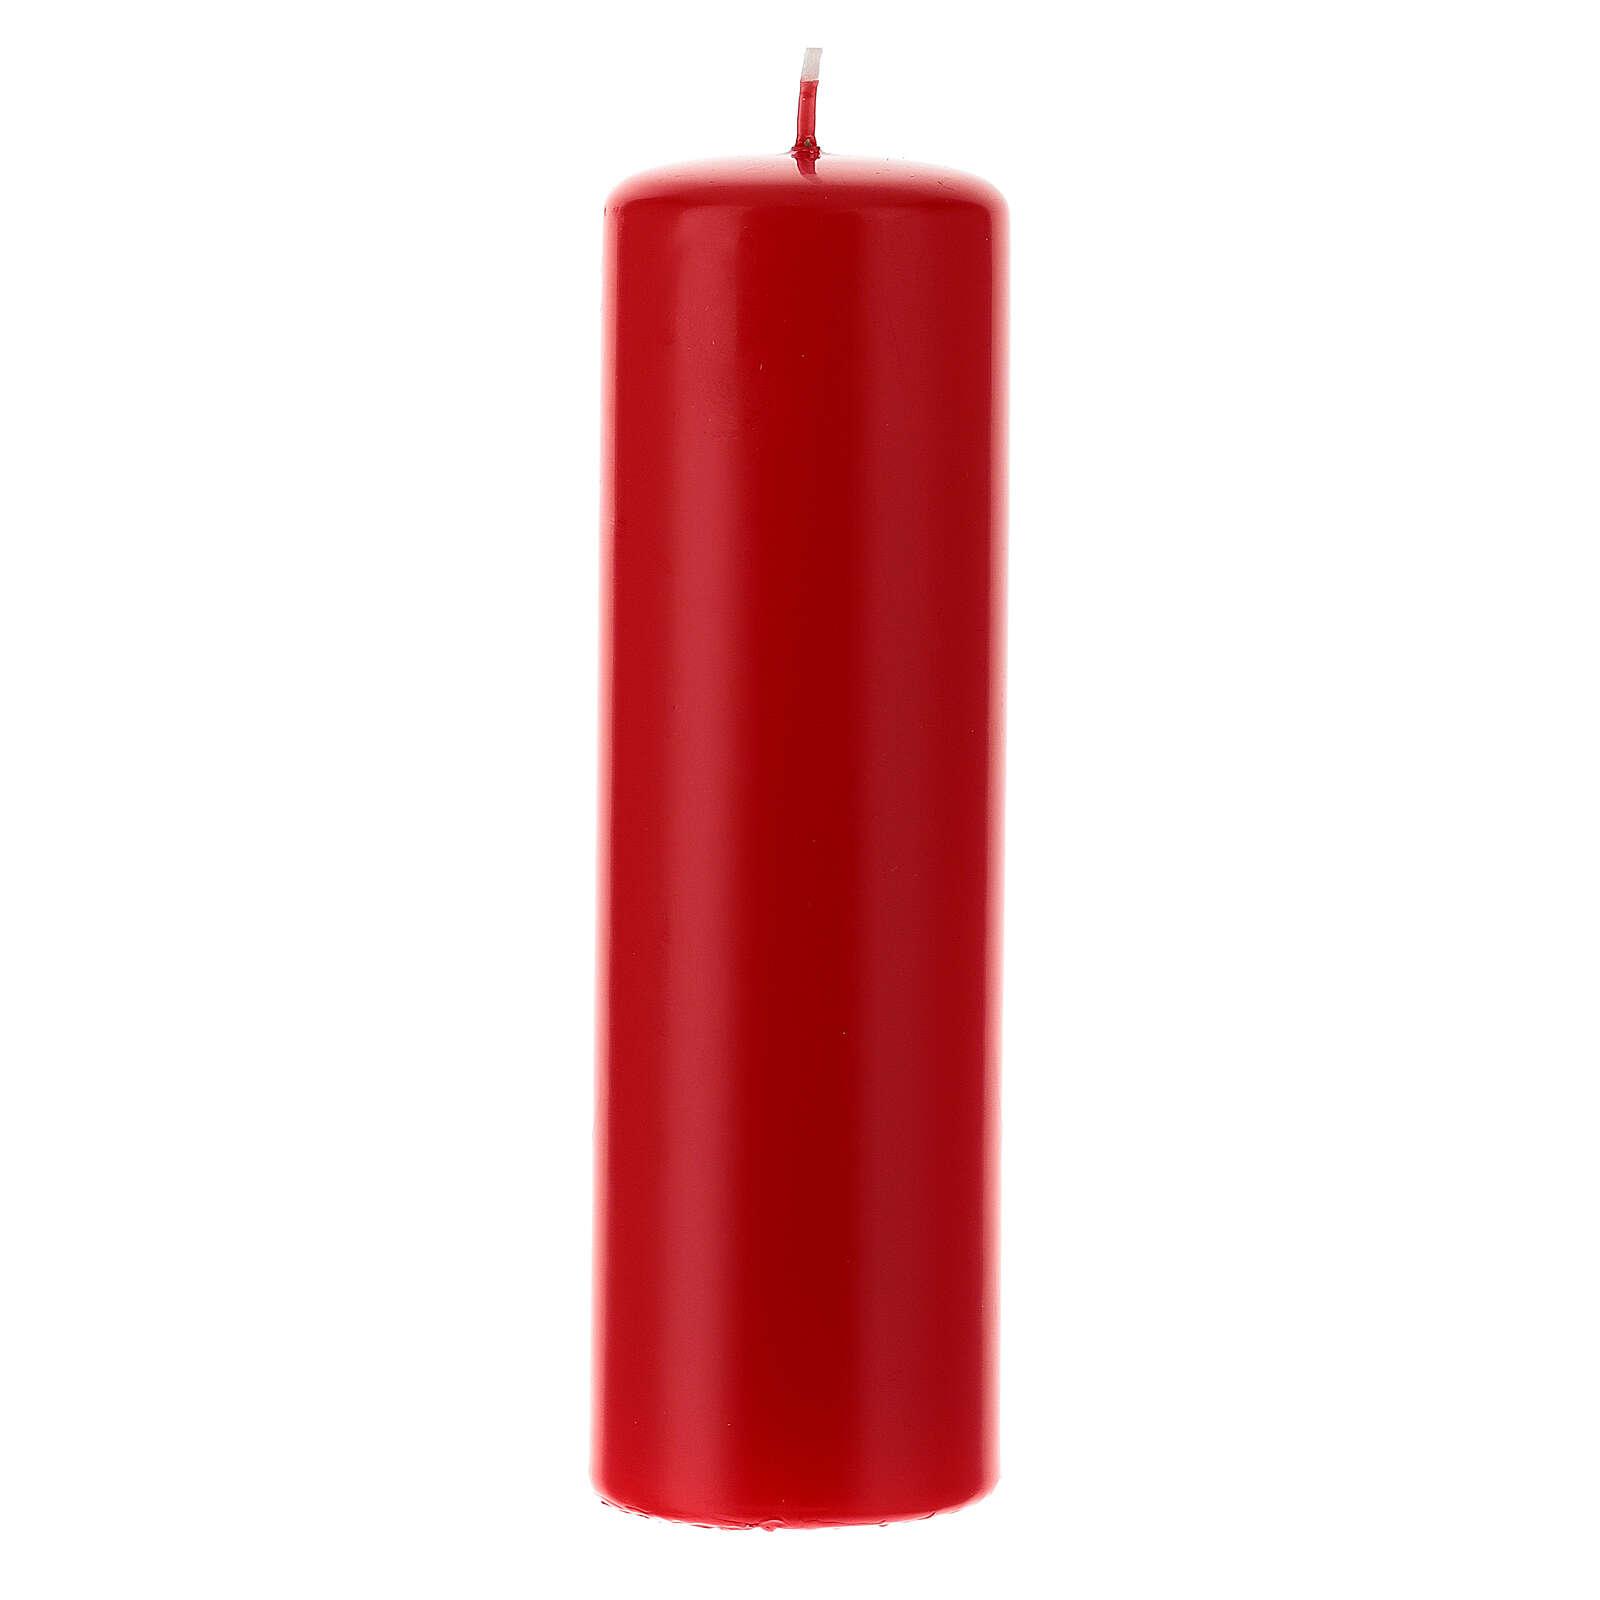 Cero per altare opaco diam. 6 cm 3